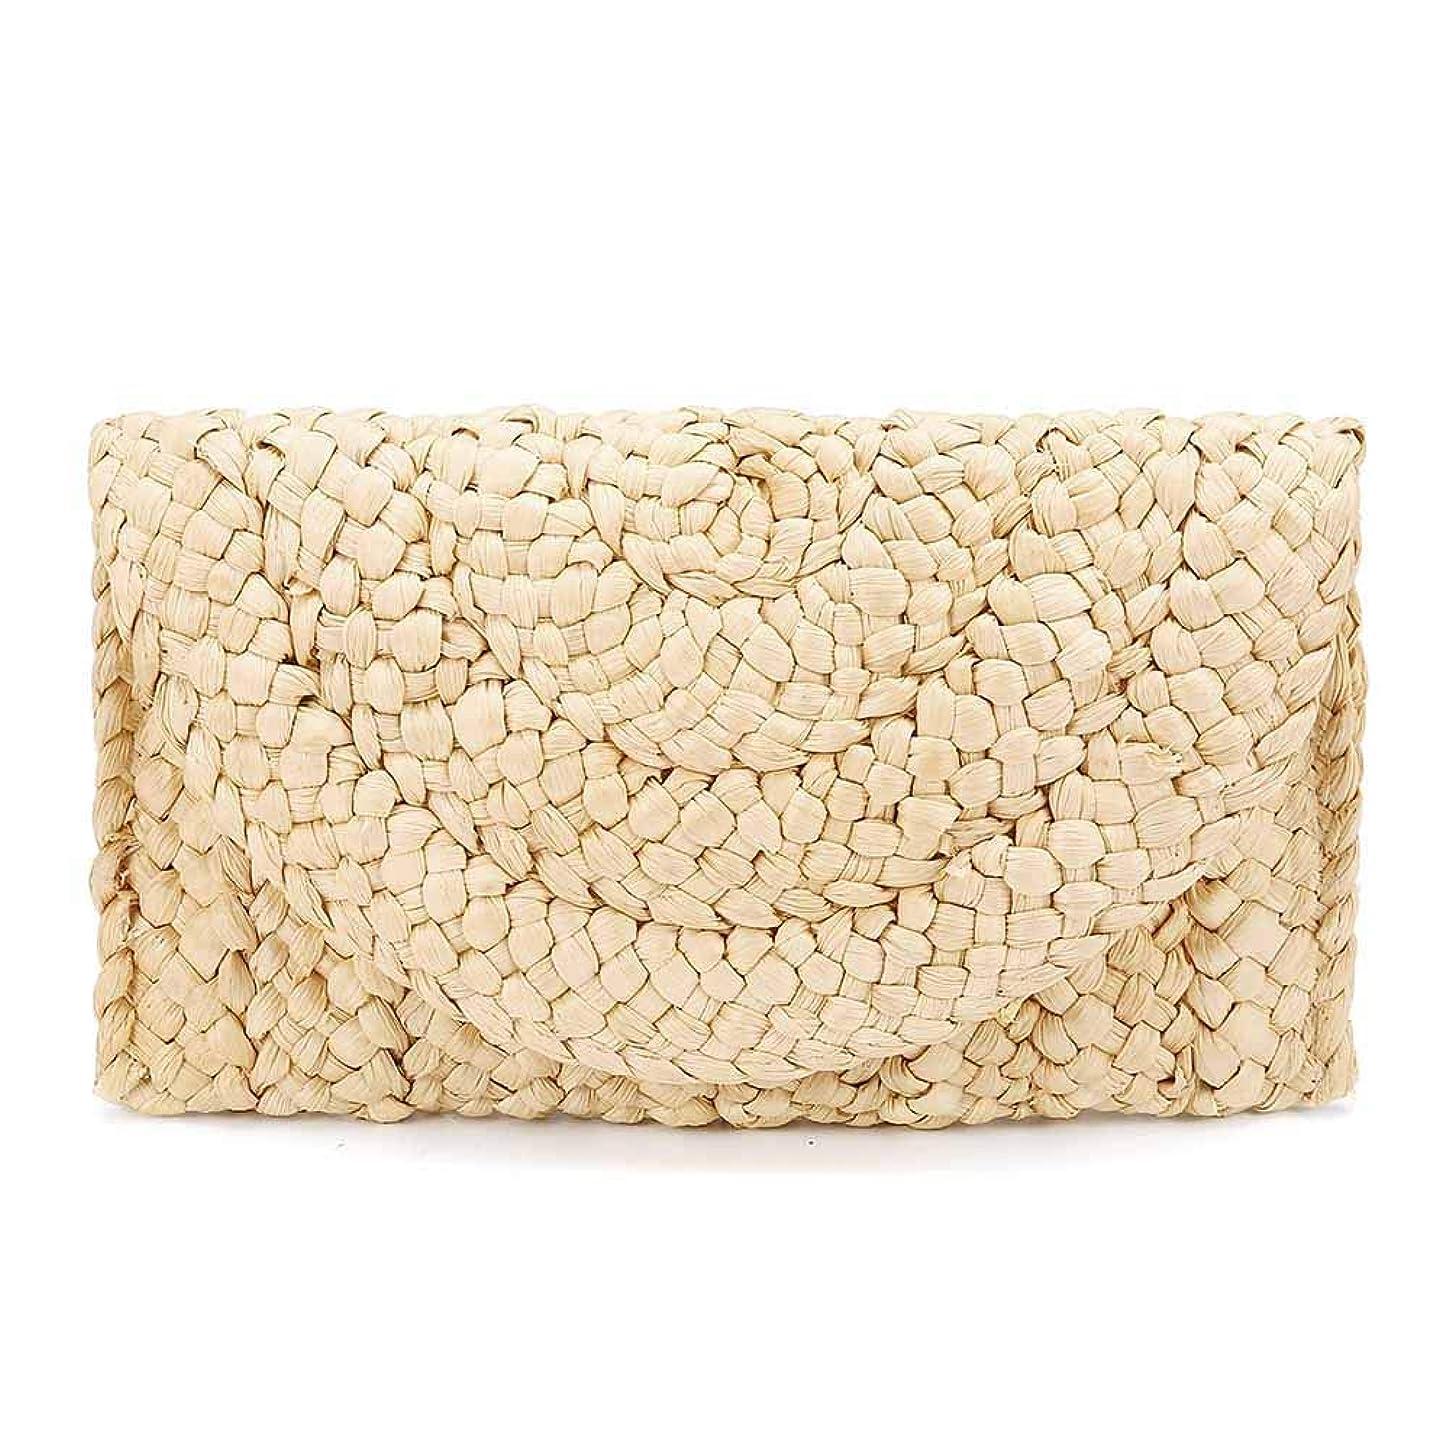 調べる磨かれた暖かくGrokebo 封筒バッグ ラッチバッグ ストロークラッチ 軽量 かごバッグ 編みバッグ 卒園式 パーティーバッグ 旅行 夏向け